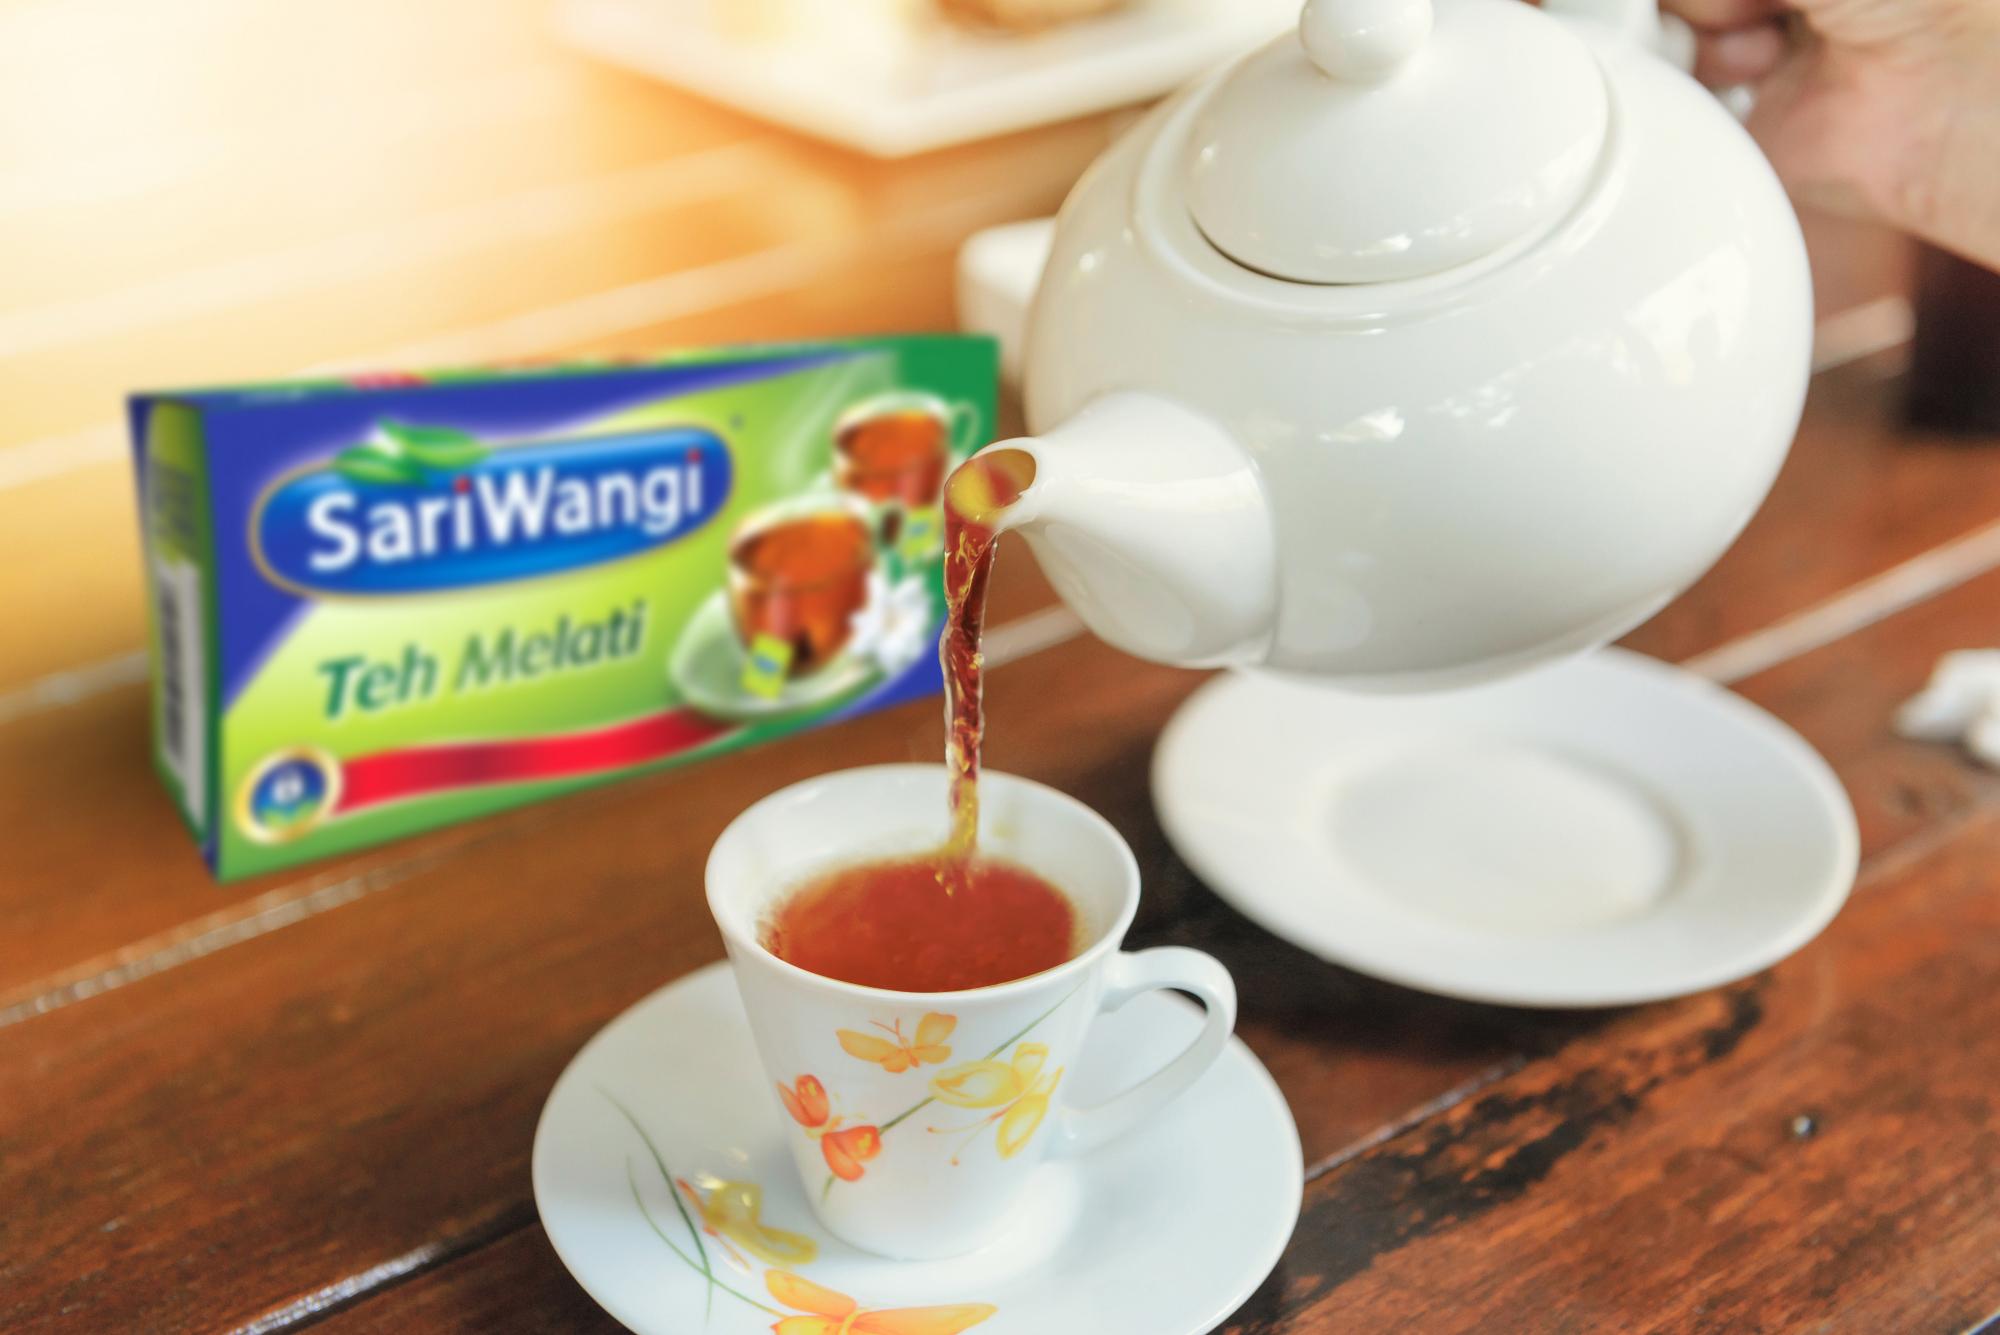 sariwangi teh melati